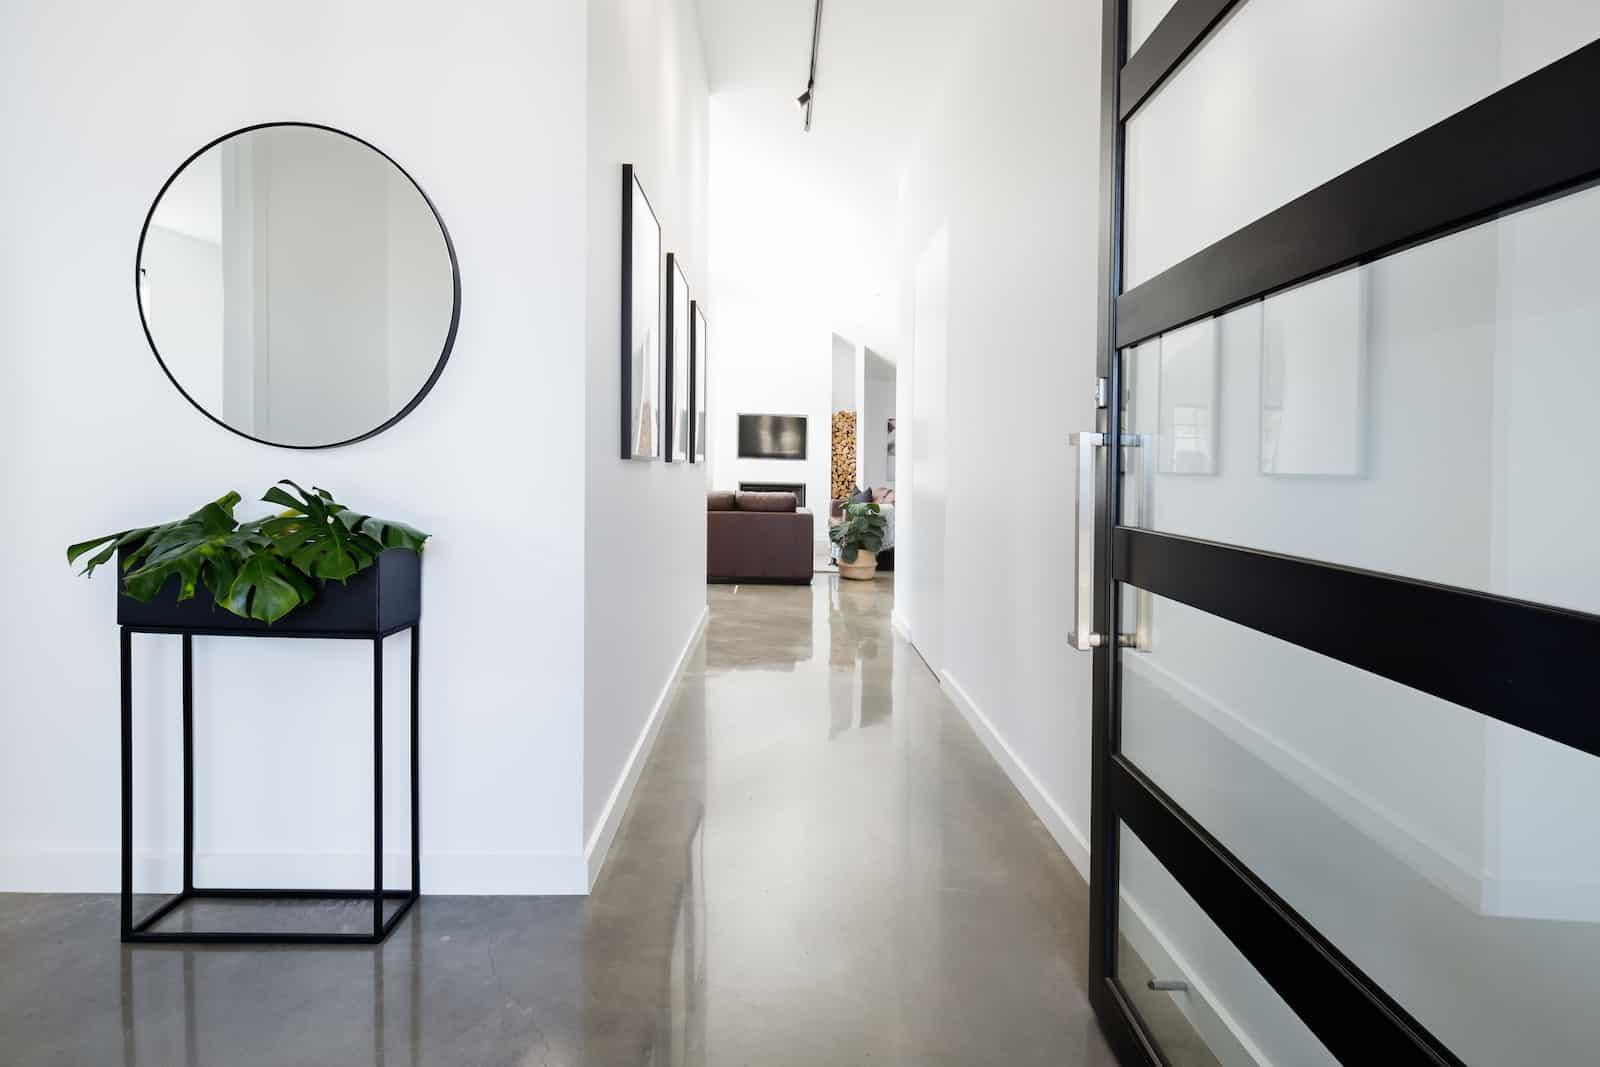 Koridorunuzun duvarlarını boyamak için 6 renk aralığı